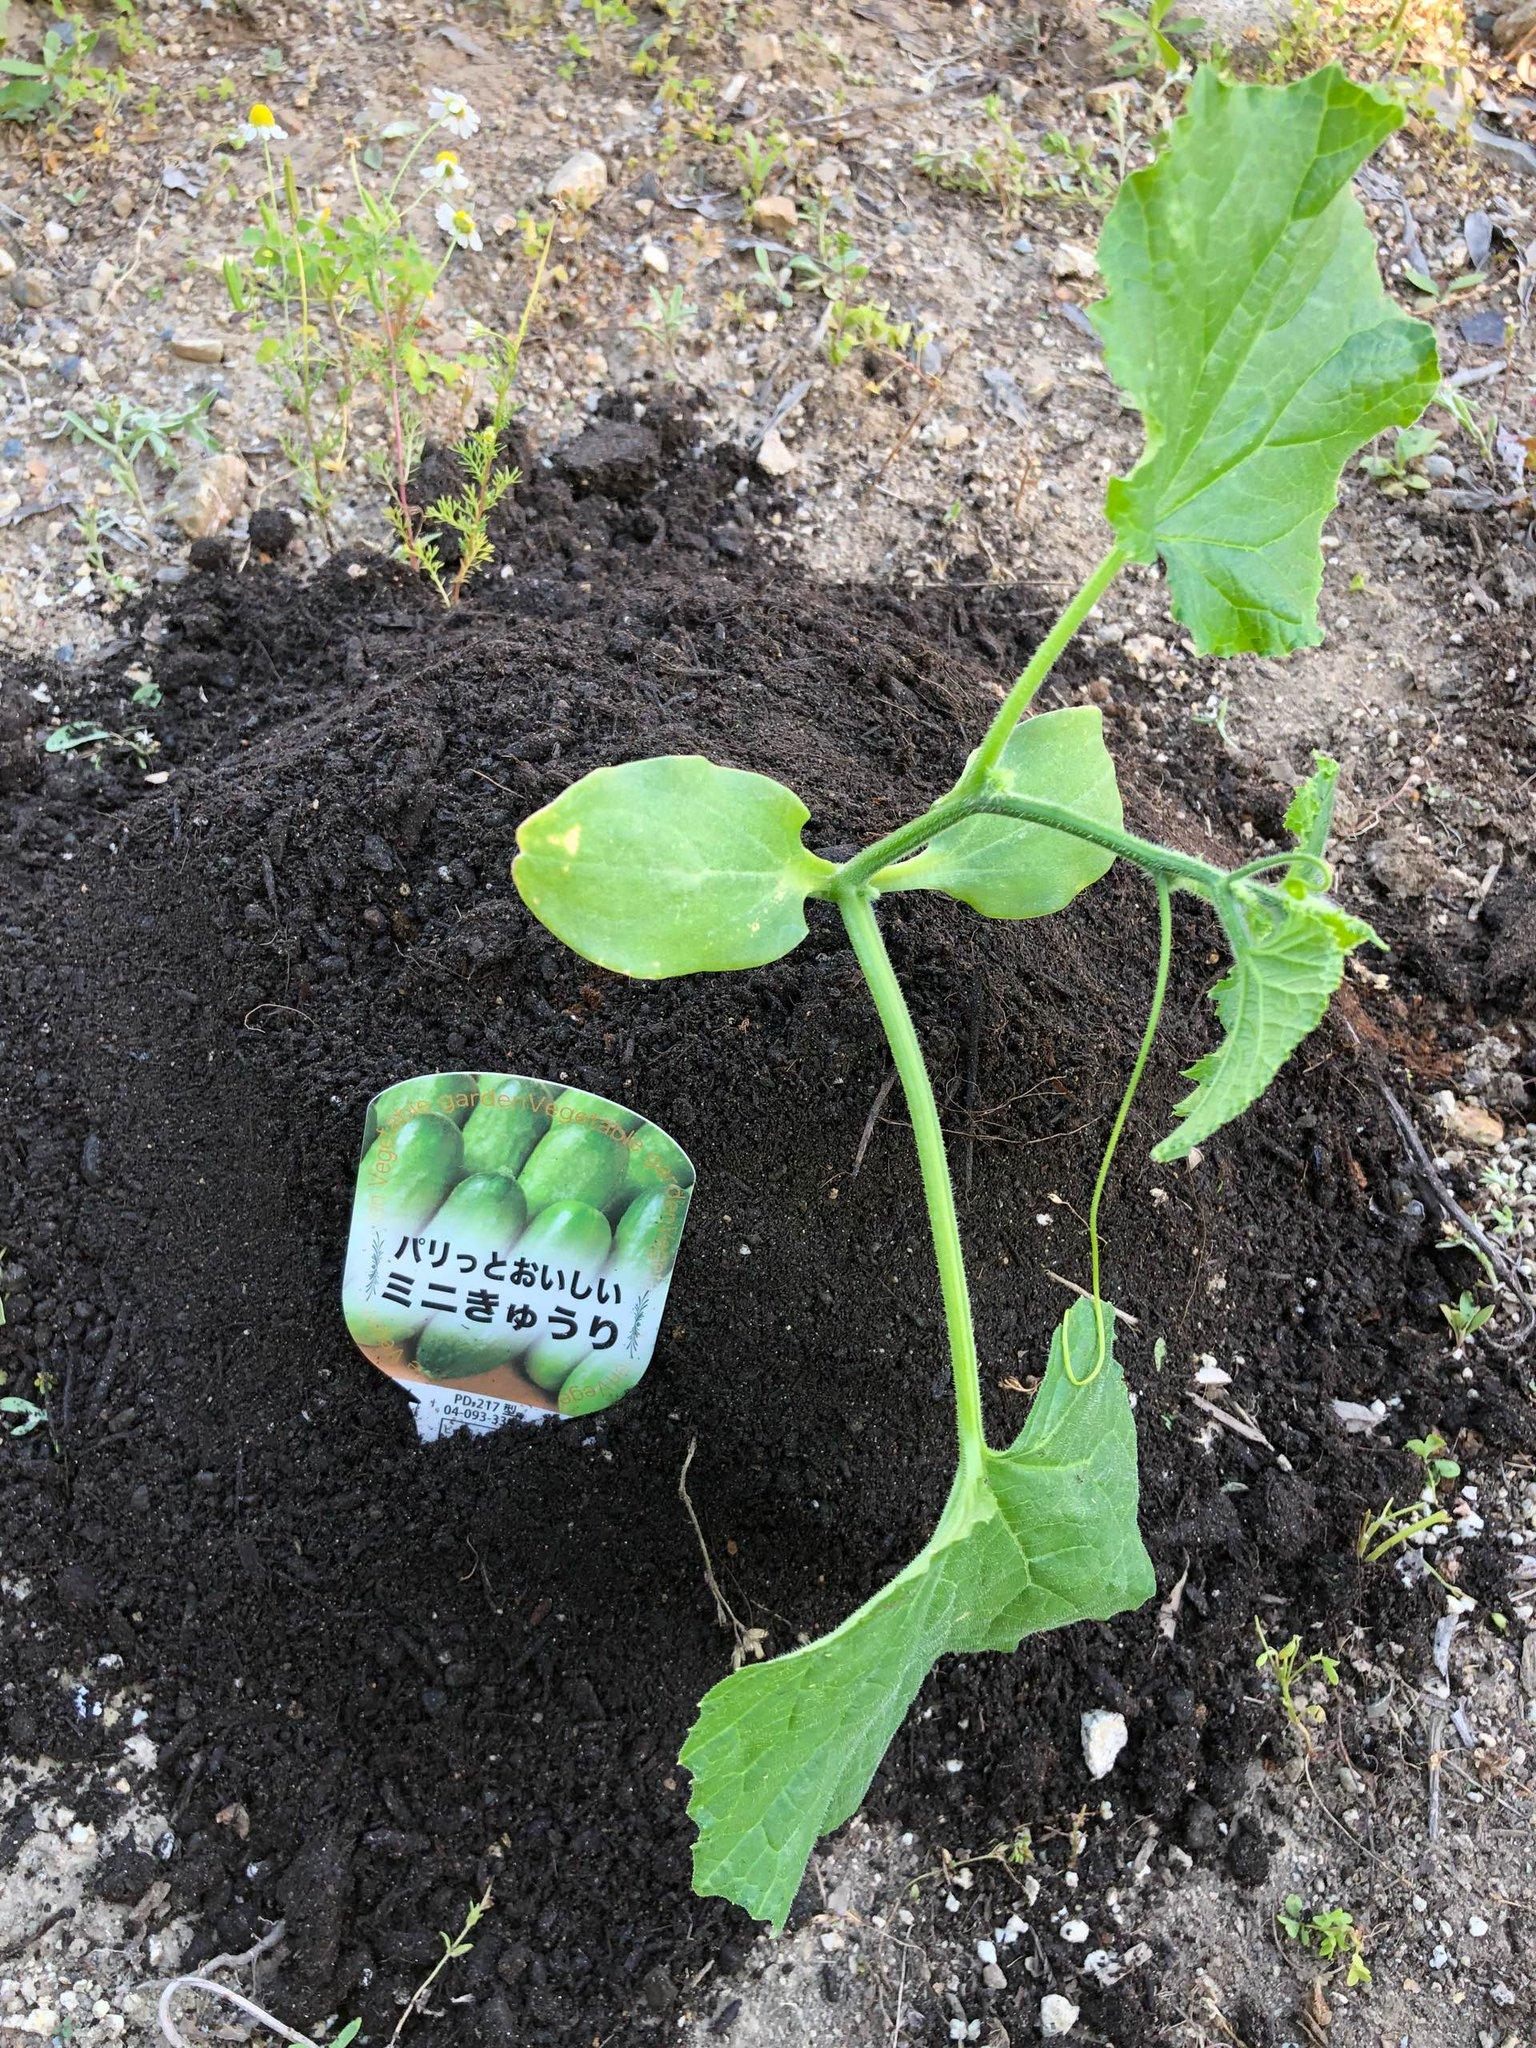 パリっと美味しいミニきゅうりの苗を植えた。 https://t.co/jtHs9R0vxM